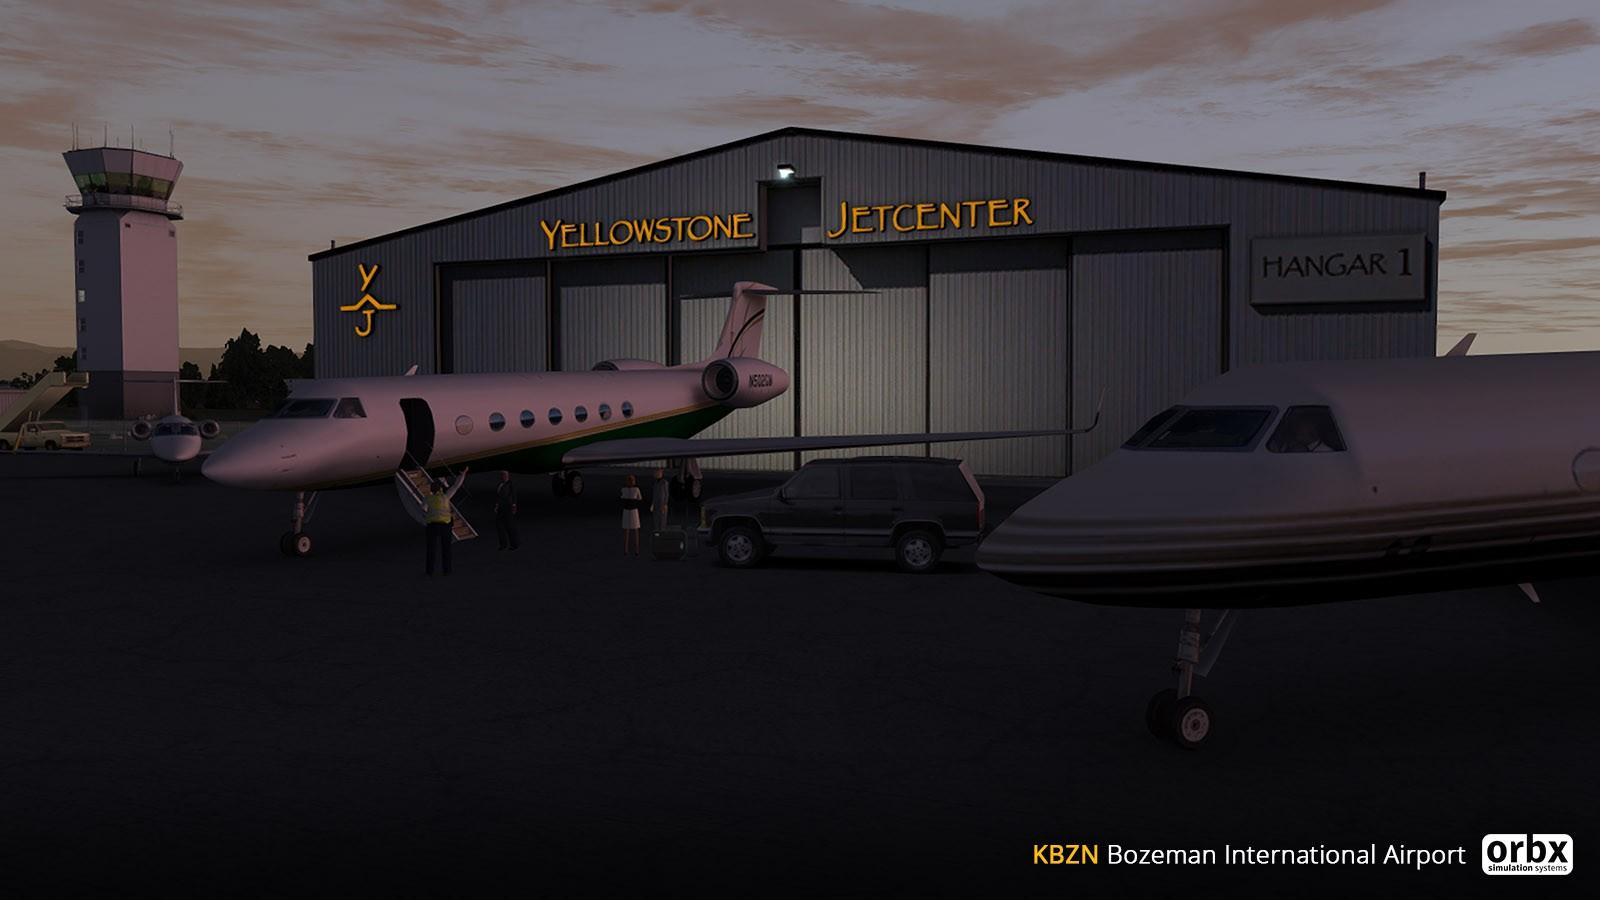 KBZN Bozeman Yellowstone International Airport